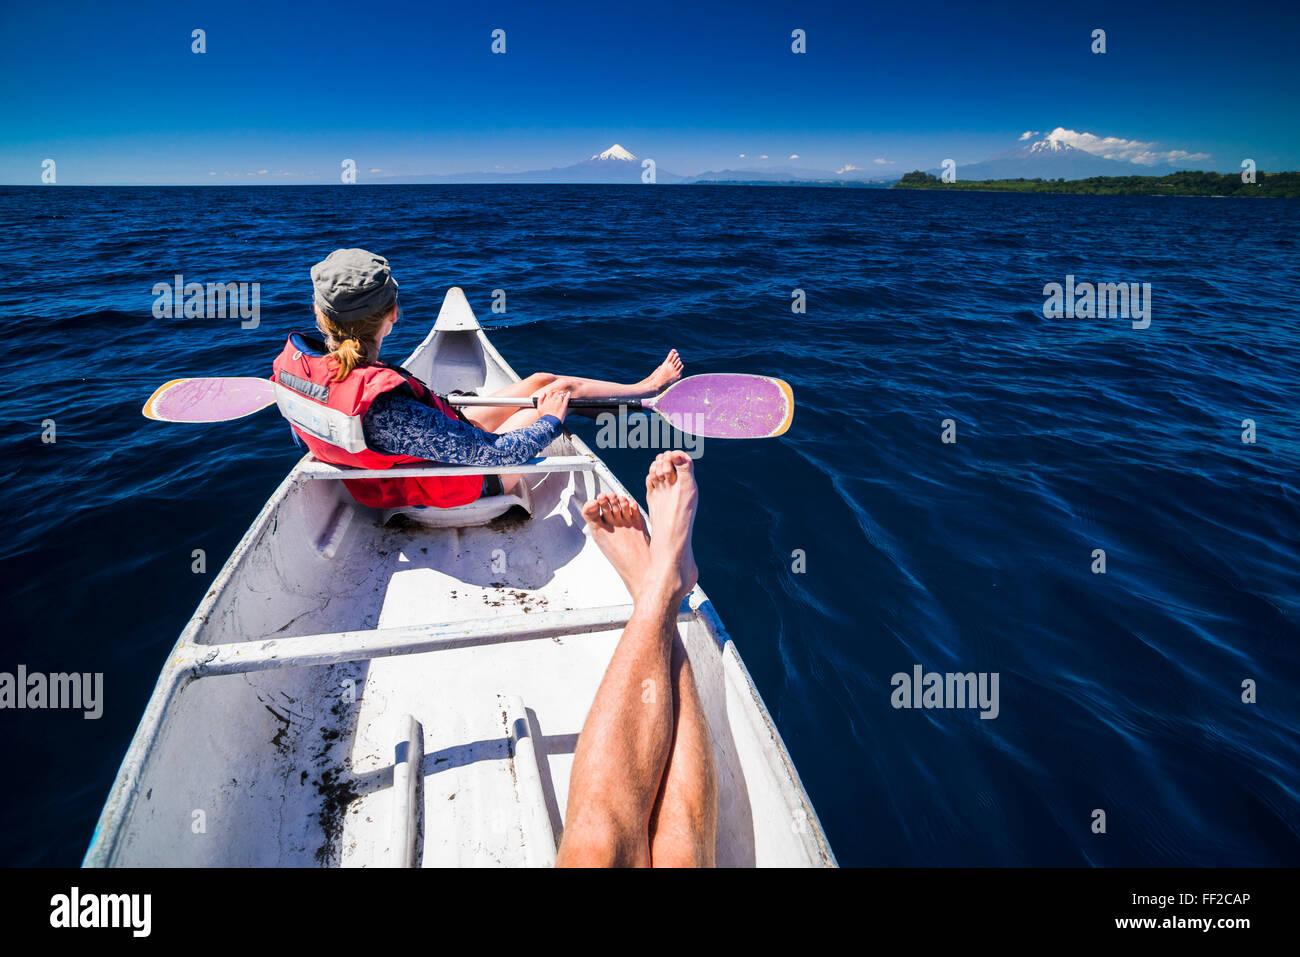 Kayak en RMRManquihue RMake con Osorno VoRMcano detrás, Puerto Varas, distrito, ChiRMe ChiRMe RMake, Sudamérica Foto de stock